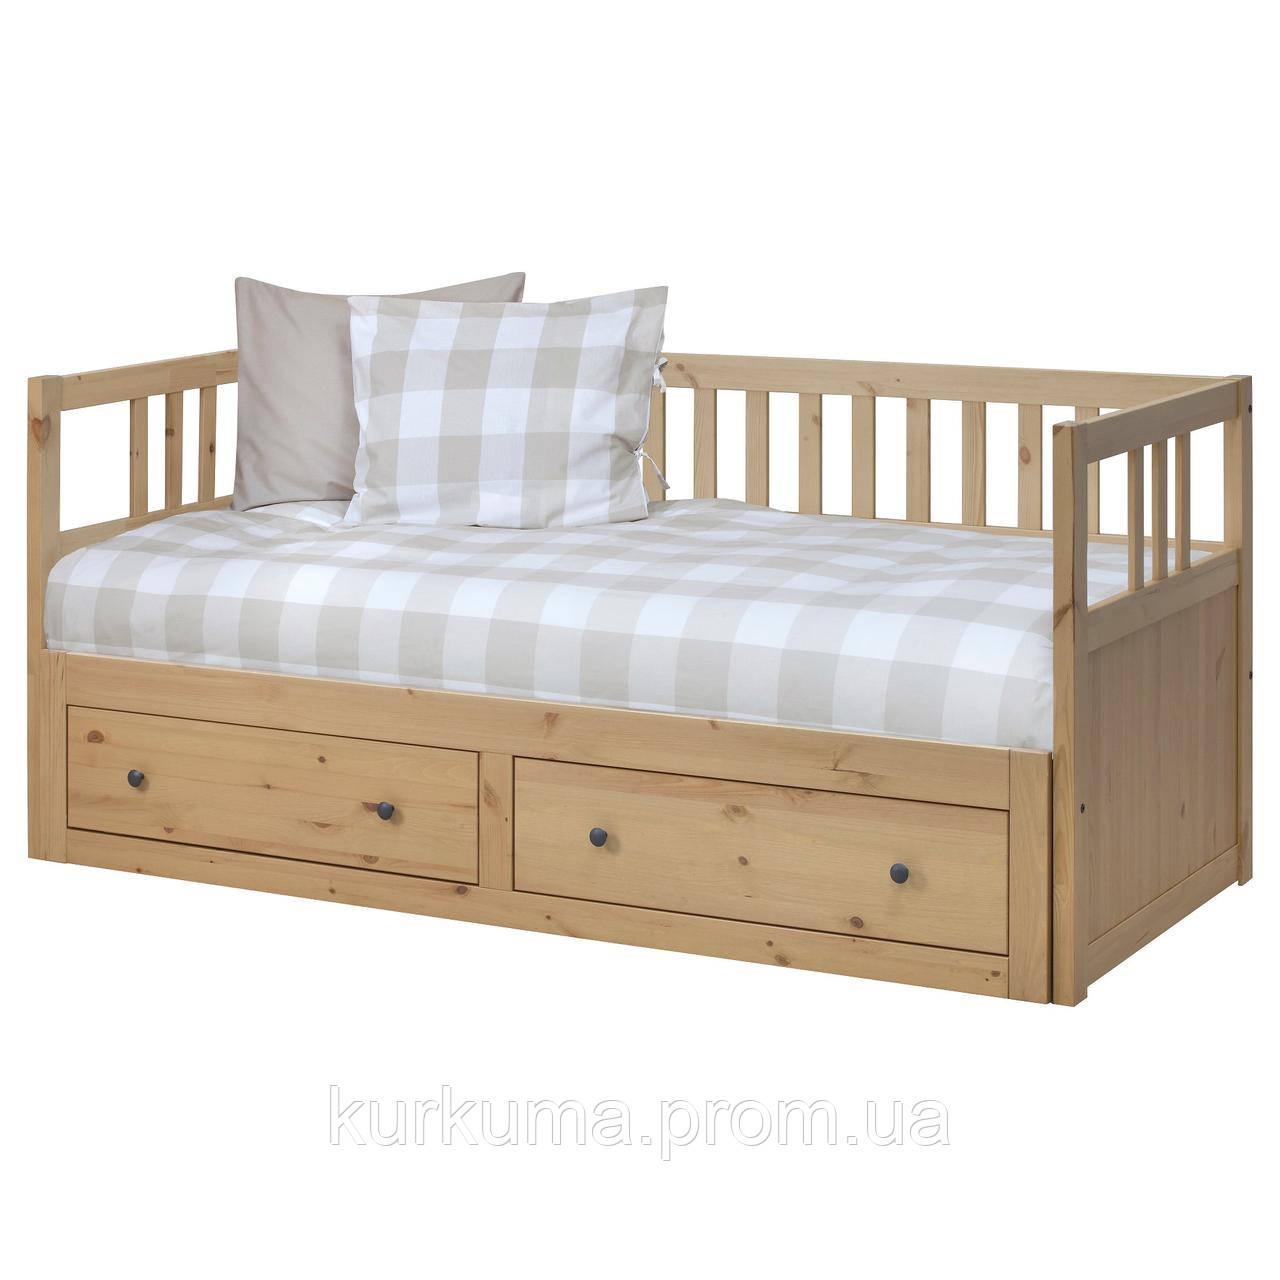 IKEA HEMNES Раскладная кровать с 2 ящиками и 2 матрасами, светло-коричневый, Малфорс  (391.834.71)